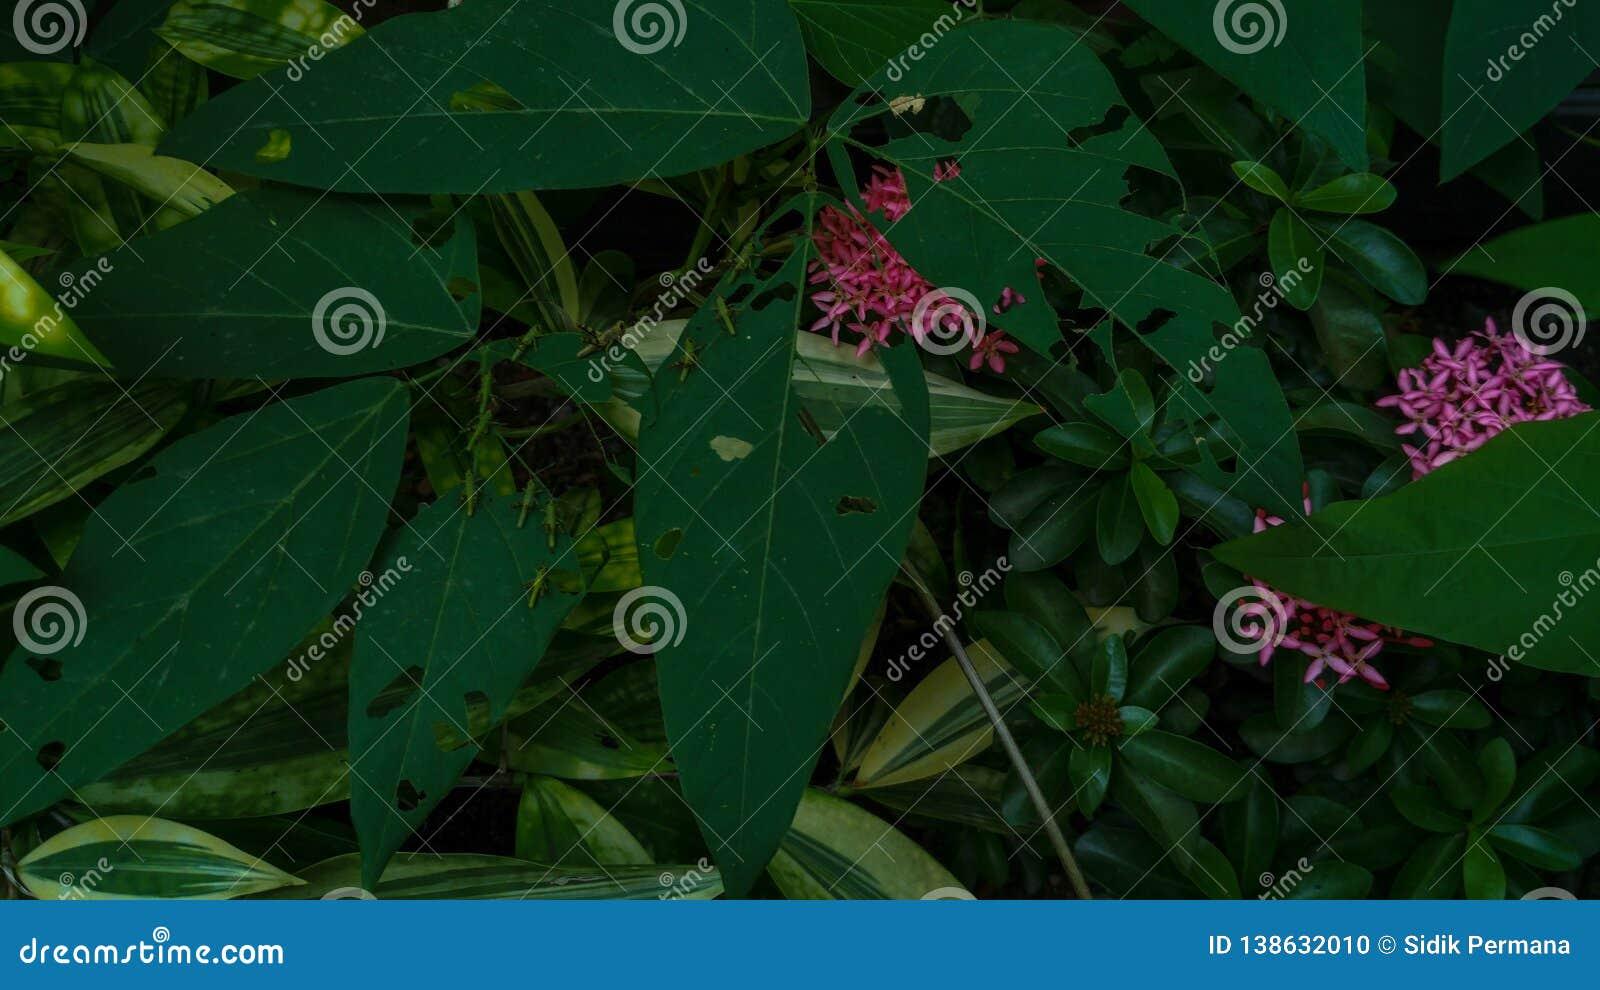 Langosta o saltamontes en las hojas verdes